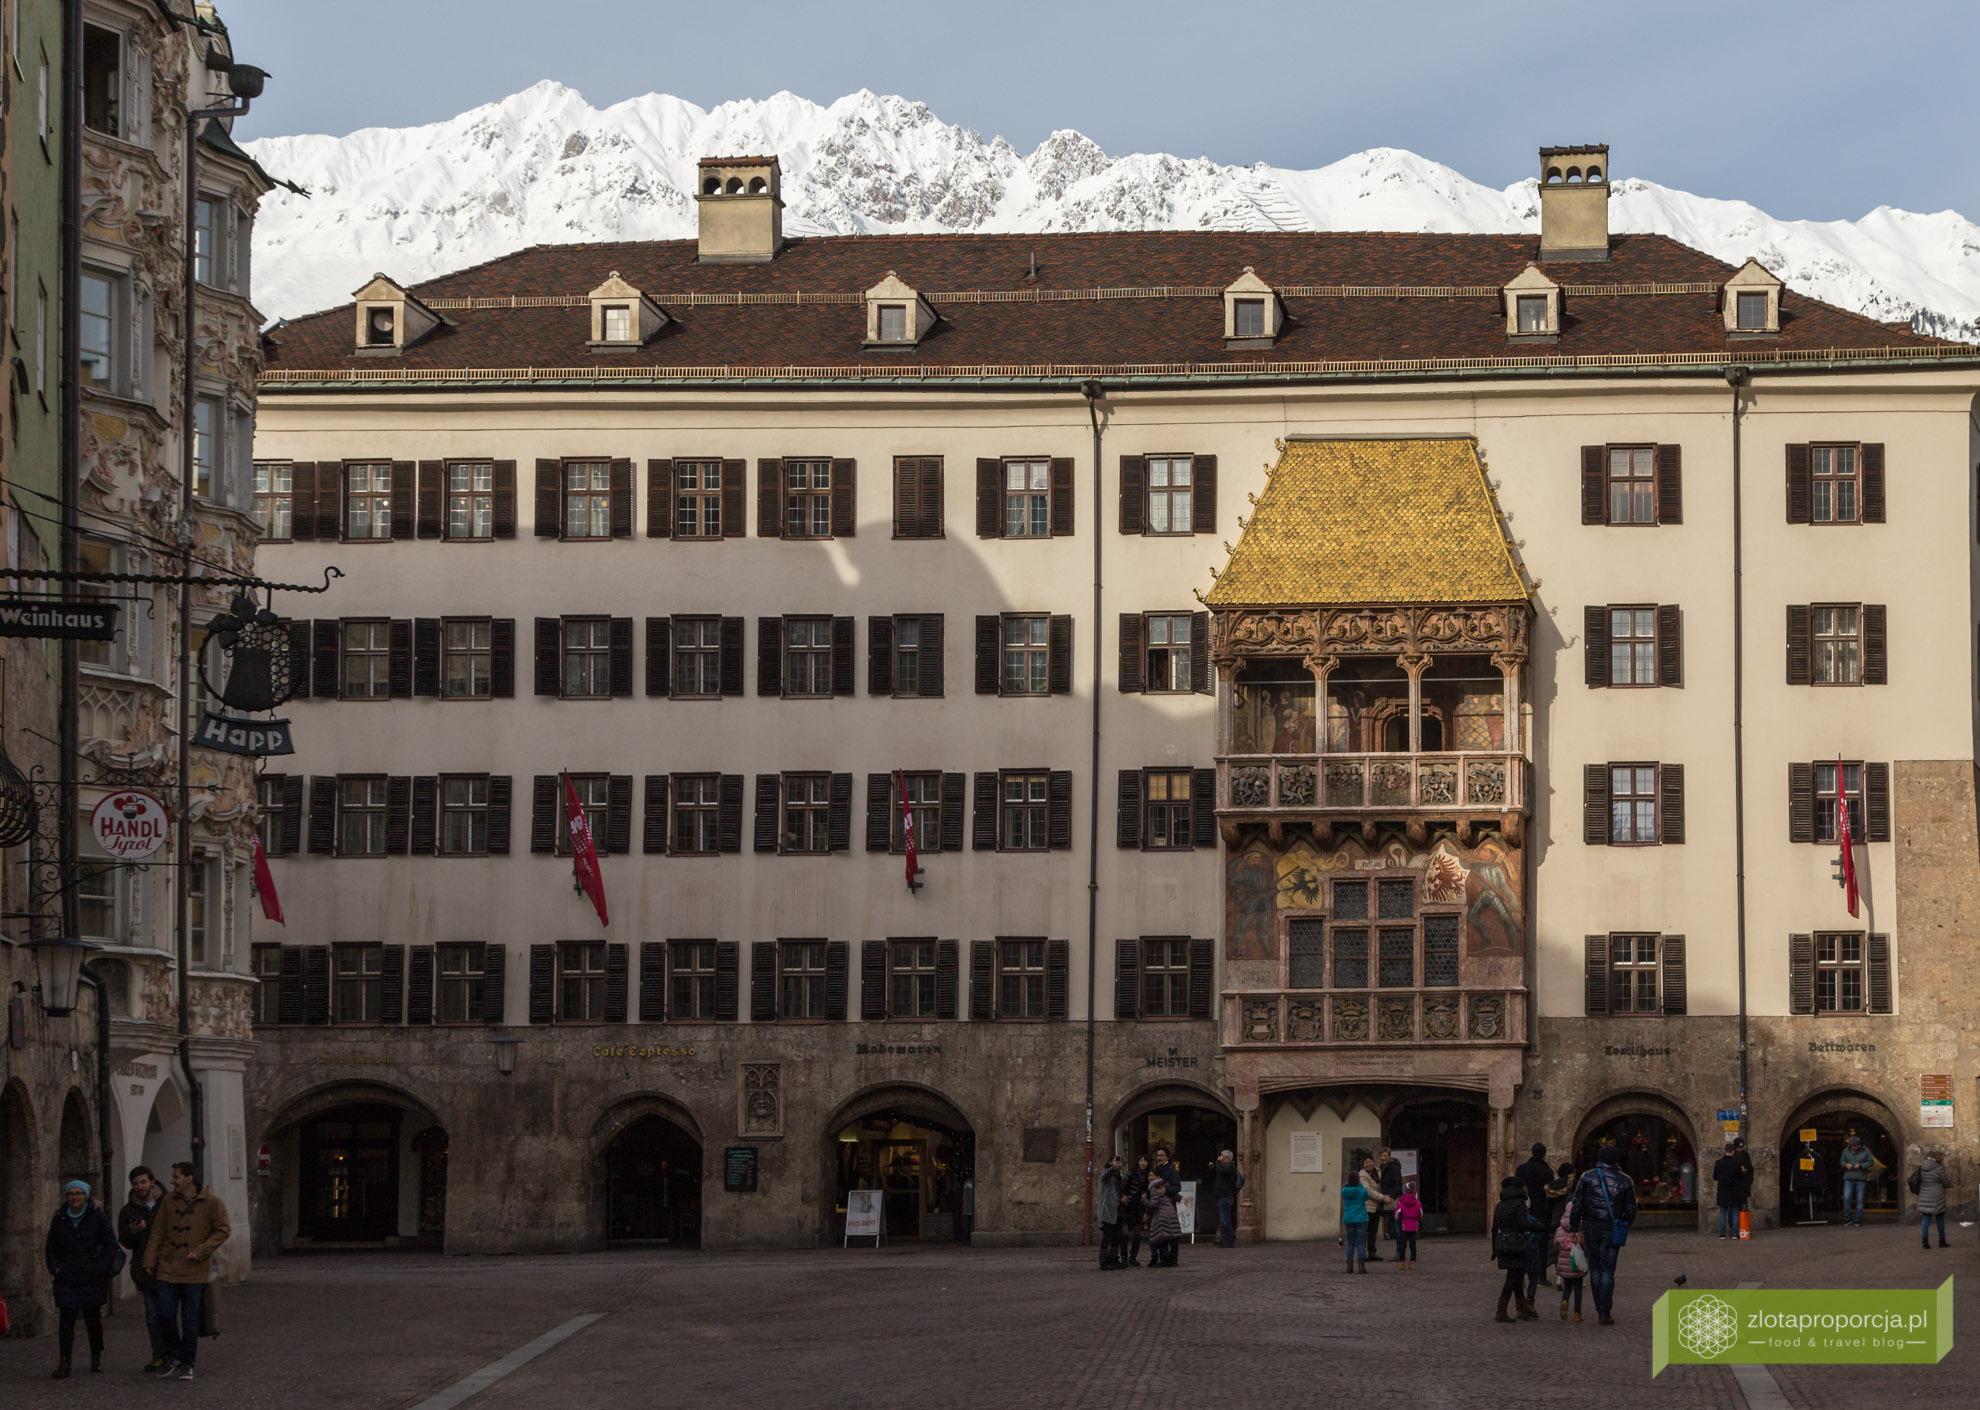 Innsbruck, Tyrol, Austria, atrakcje Innsbrucka, Goldenes Dachl